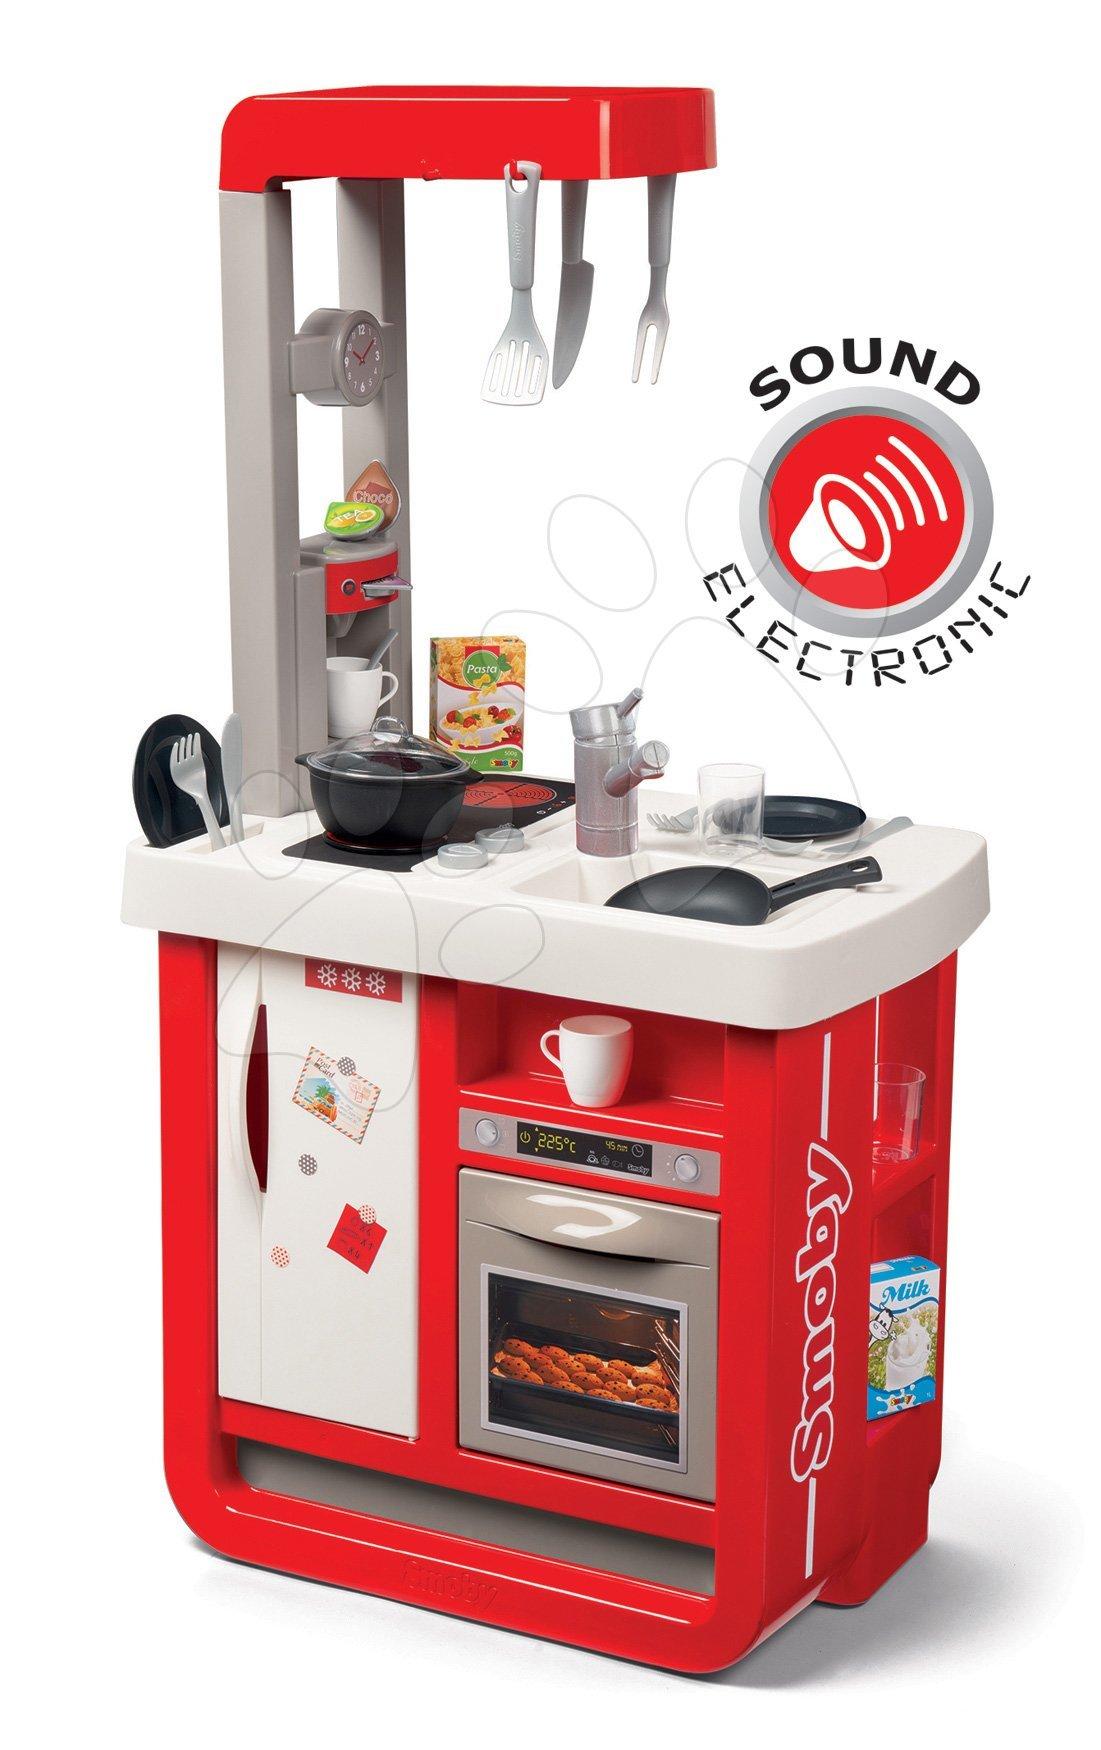 Kuchyňka elektronická Bon Appetit Smoby červená zvuková s chladničkou kávovarem a 23 doplnků